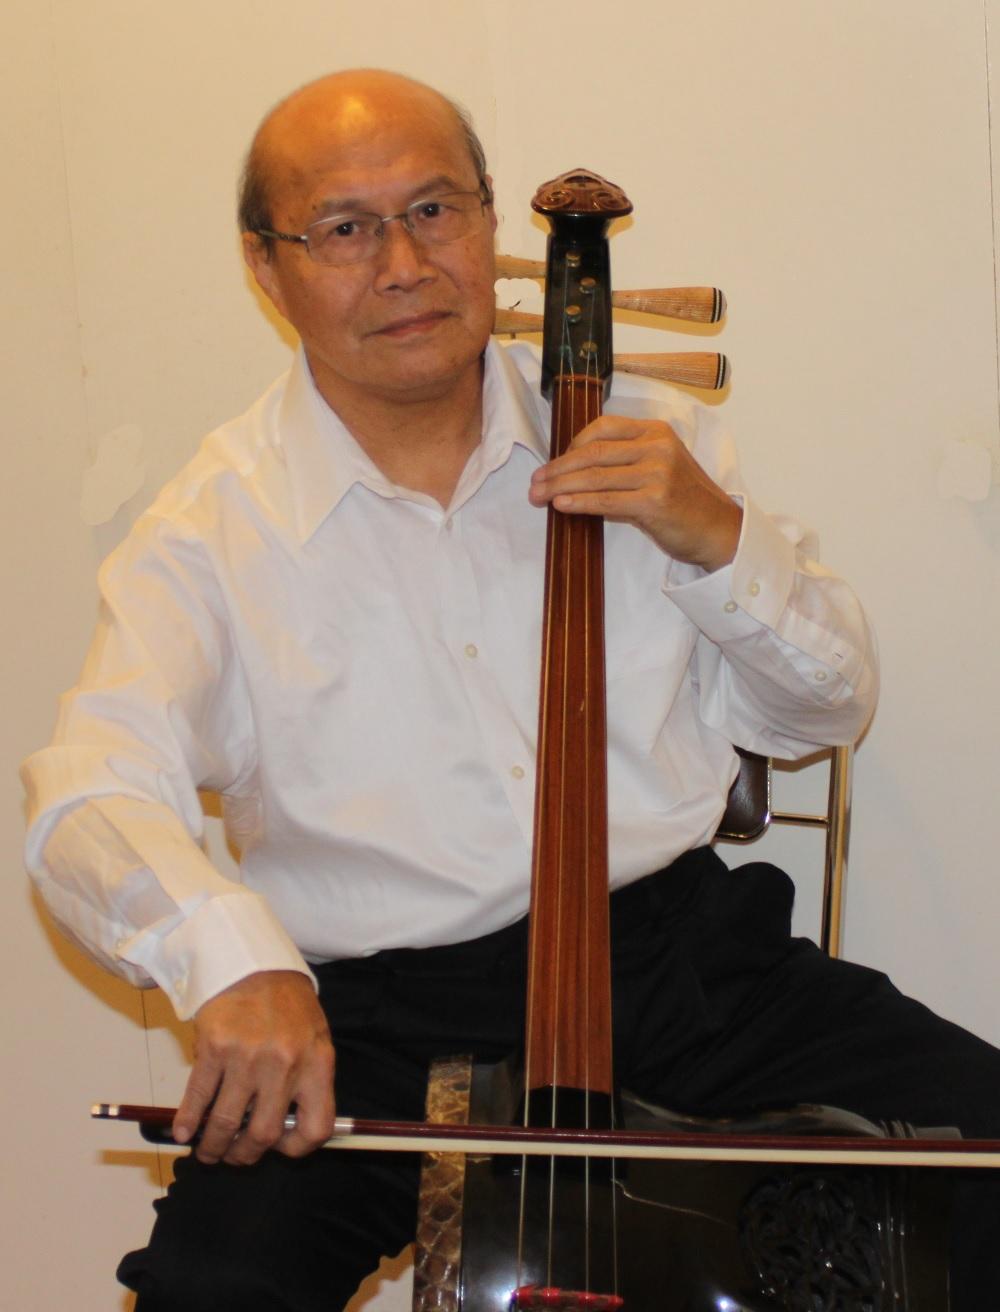 許拓明 (Johnson Hsu) : 革胡 (Gehu) ( Remove )  革胡演奏员。1963年由香港移民至美國。在初高中學校樂團擔任小提琴手。就讀洛杉磯加州大學時才有機會接觸中國樂器。師從呂振原教授學習各種中樂器,畢業後許多年都伴隨呂先生演奏。從八十年代中期到2003年,經常參舆芝加哥的絲竹樂團在美國中部演出。曾参加梅拉诺文化演艺公司举办的 【花好月圆庆中秋】 的大型演出活动。